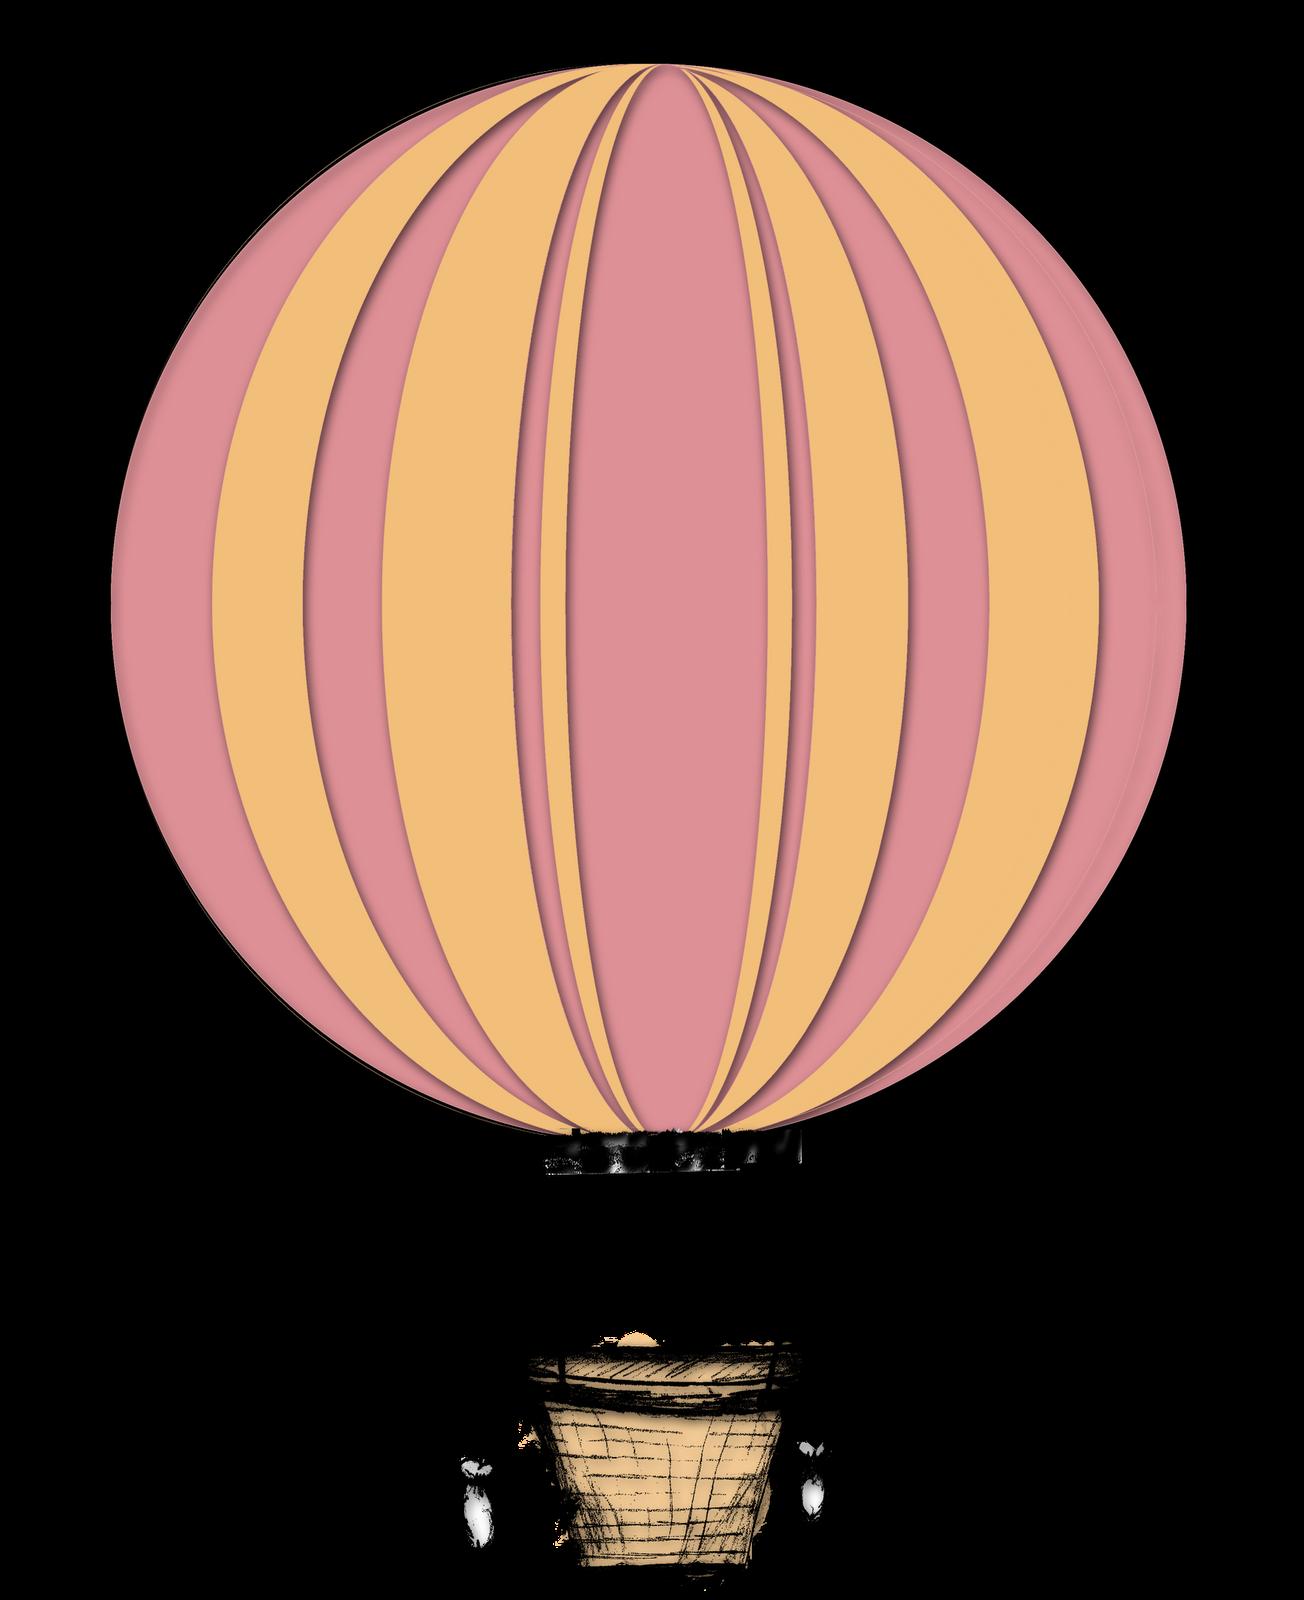 Balloon ride clipart.